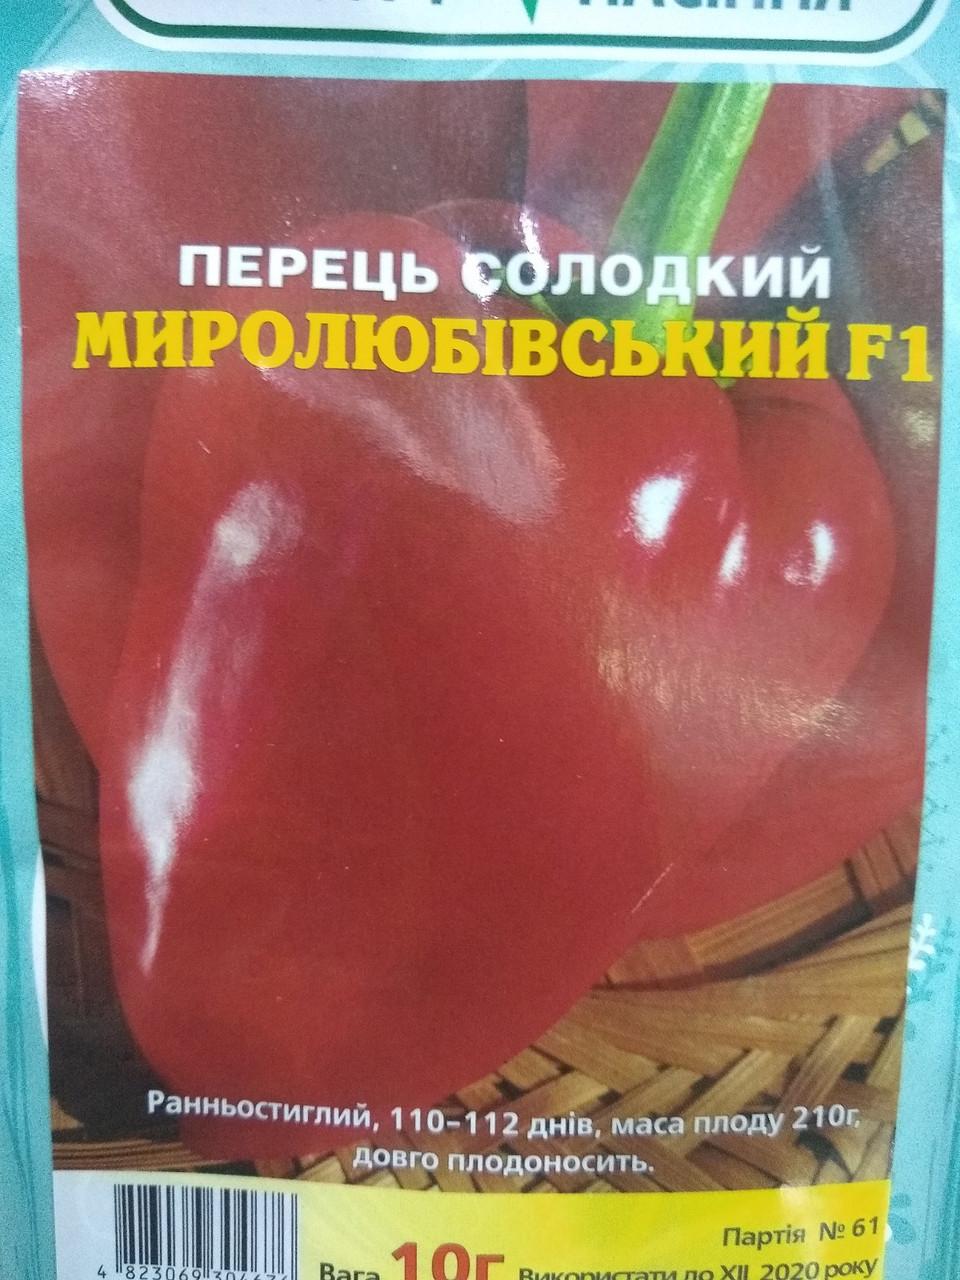 Насіння перцю солодкого Миролюбовского F1 раннього красного10 грам насіння упаковка